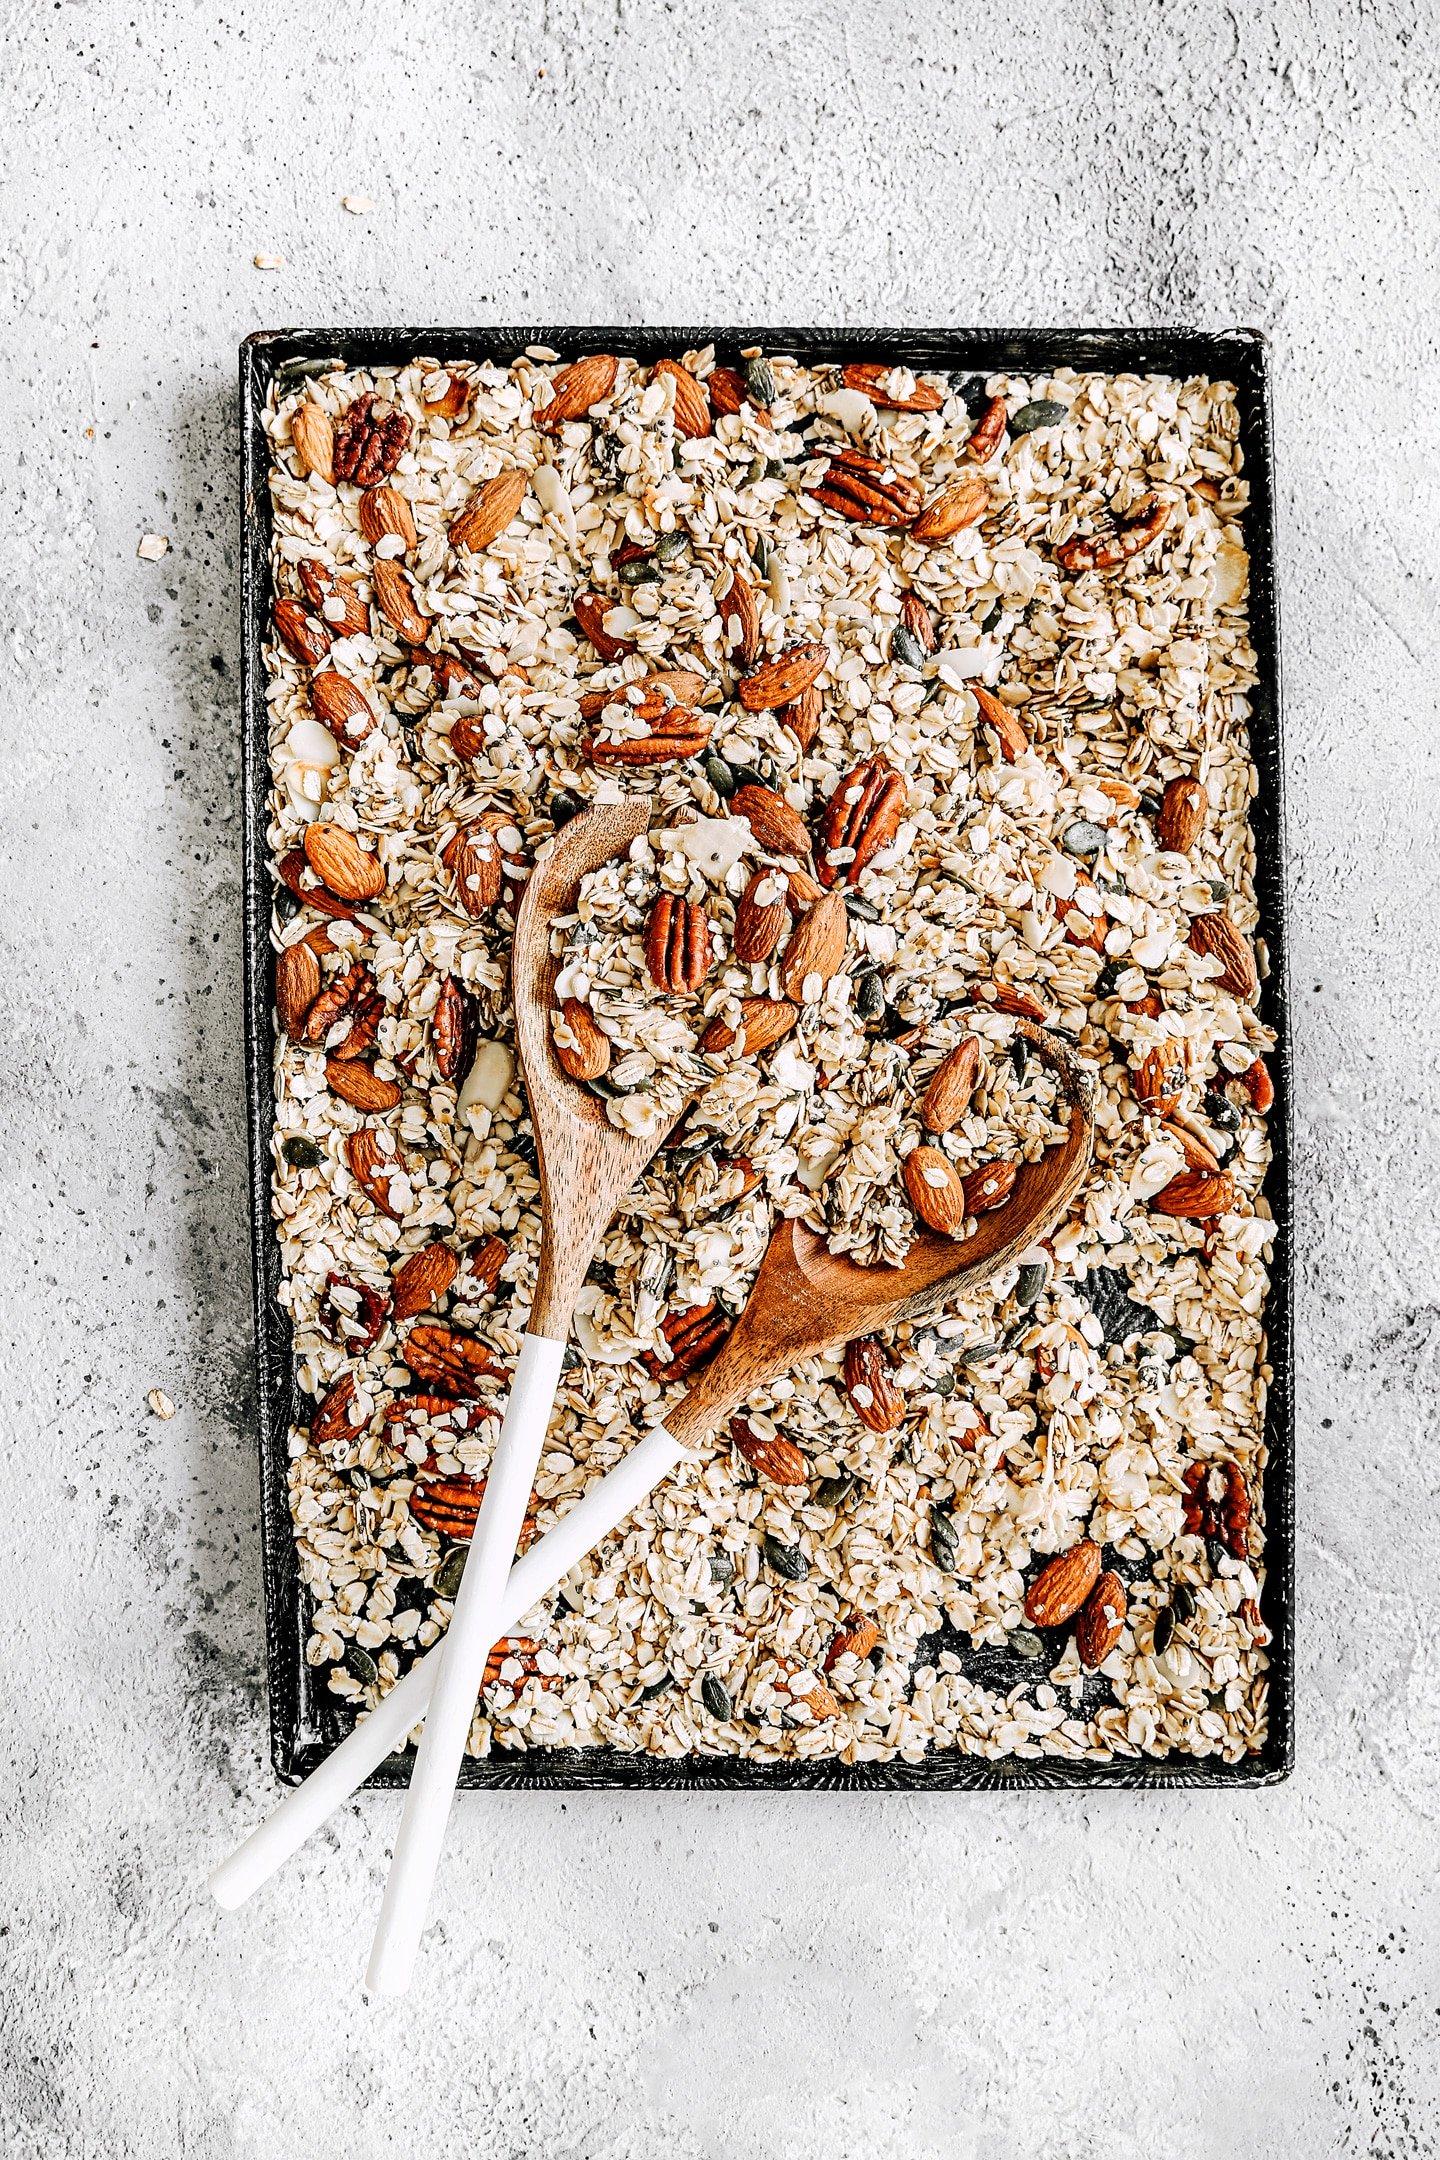 Best granola recipe